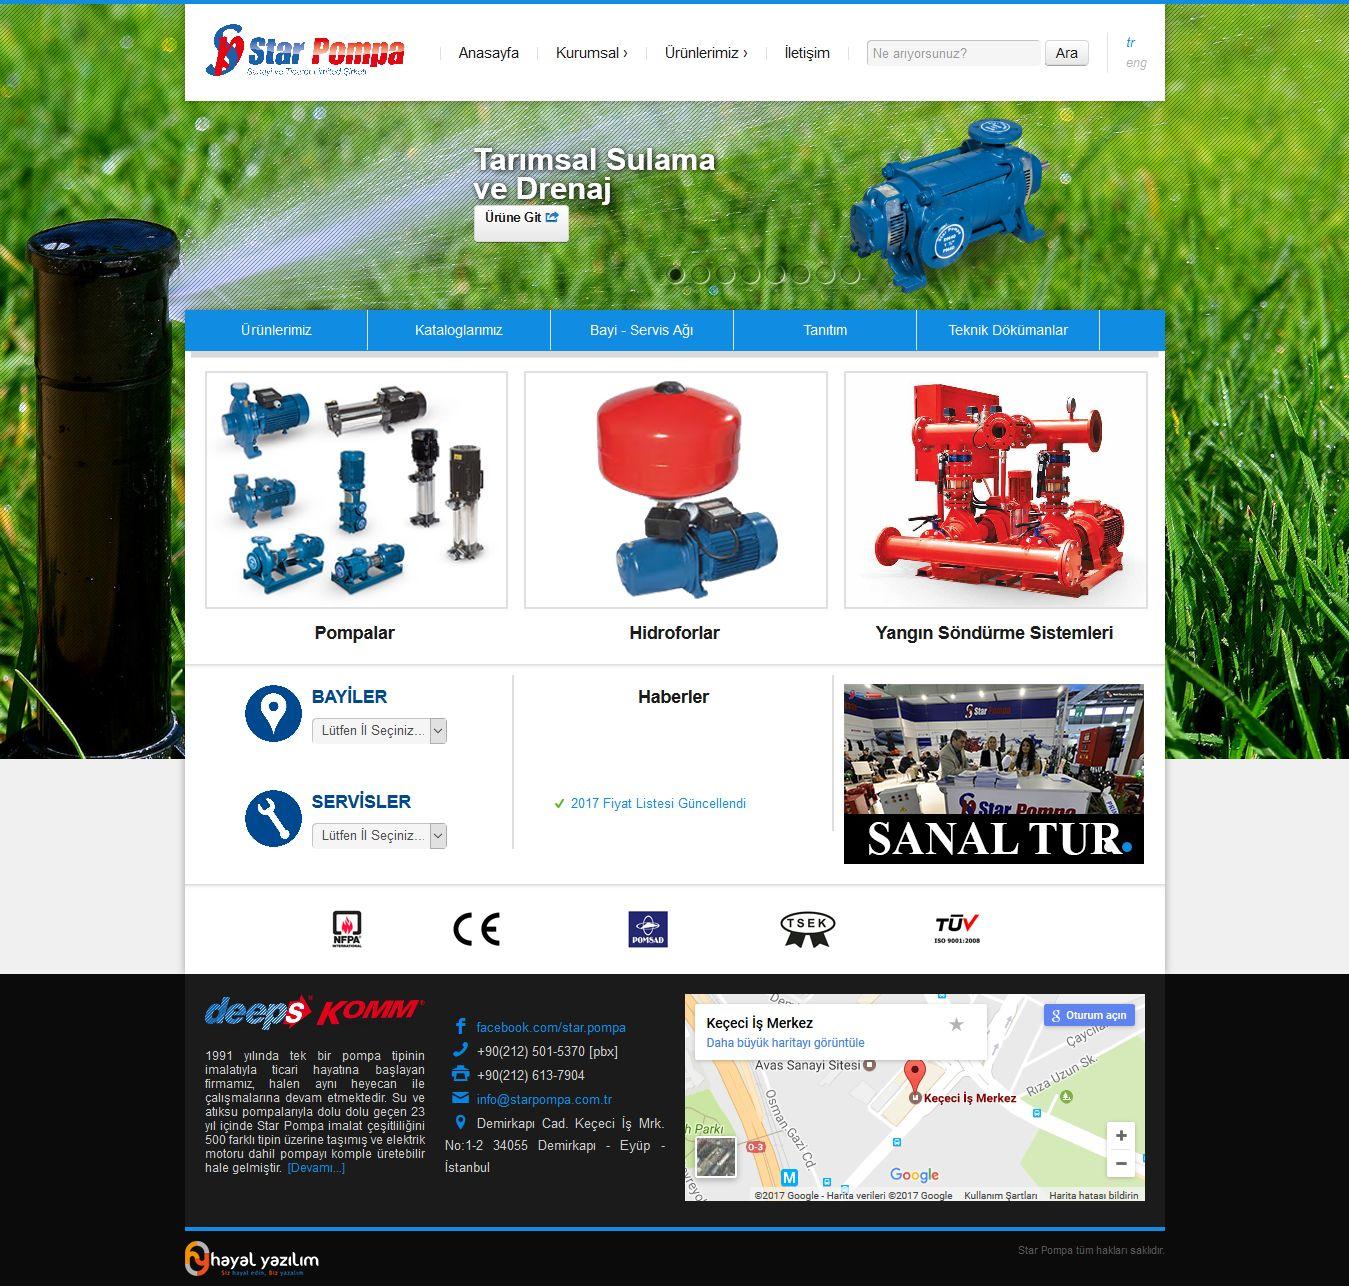 Star Pompa - www.starpompa.com.tr